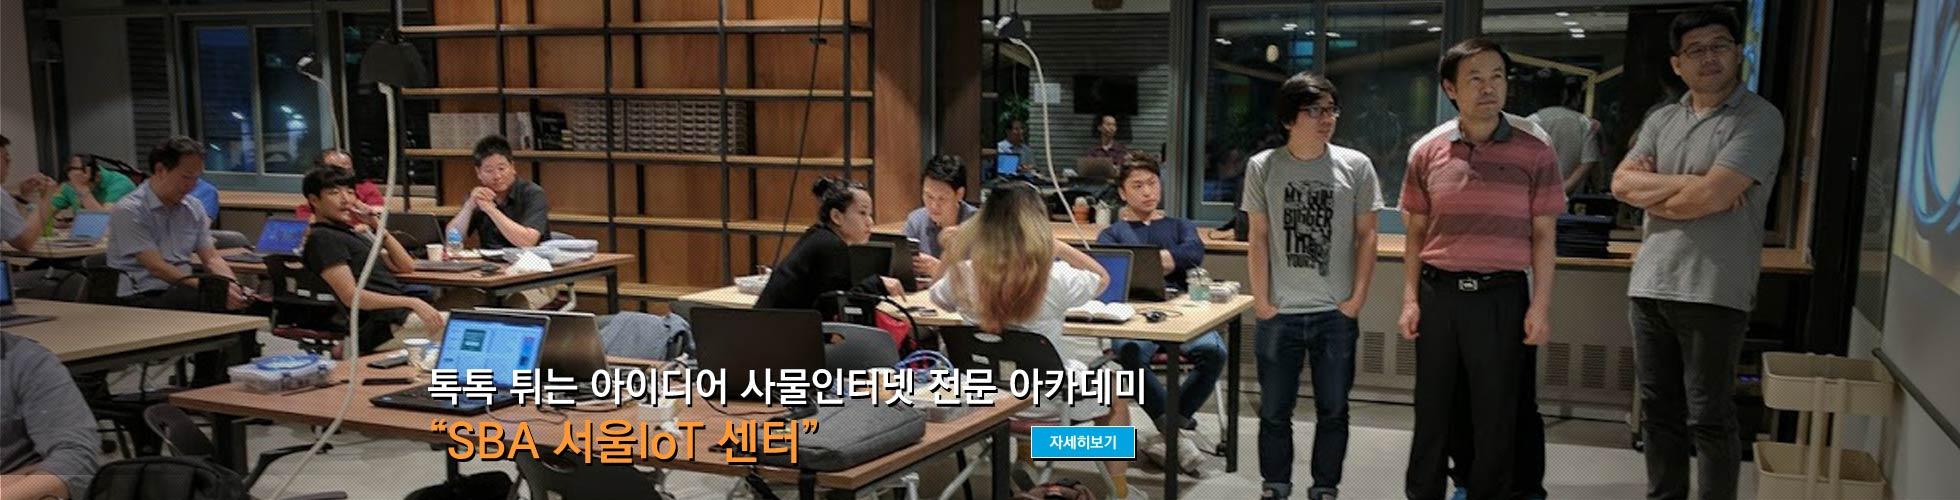 톡톡 튀는 아이디어 사물인터넷 전문 아카데미/SBA 서울IoT센터